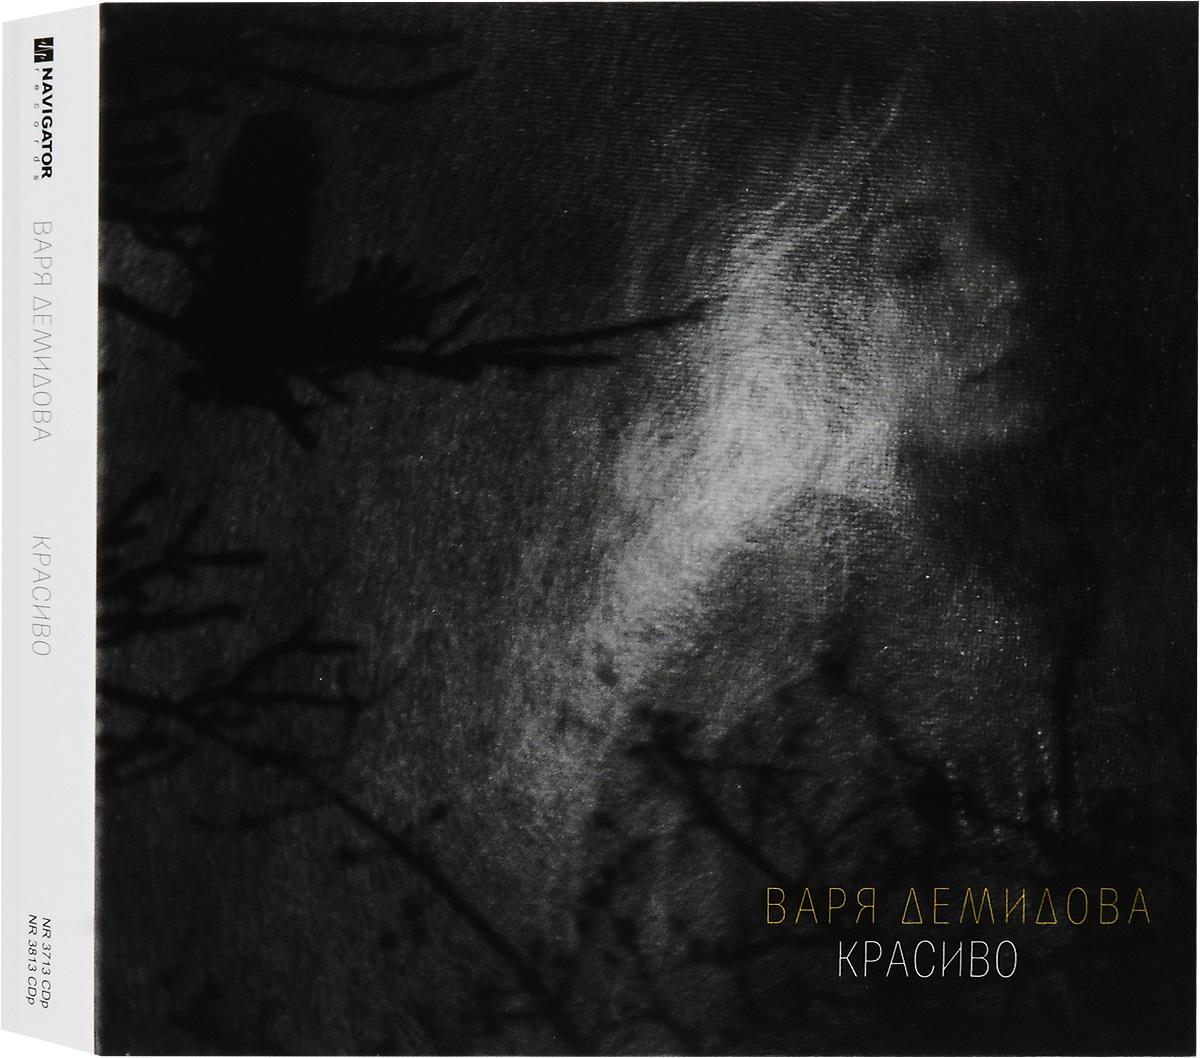 Варя Демидова. Красиво (2 CD)